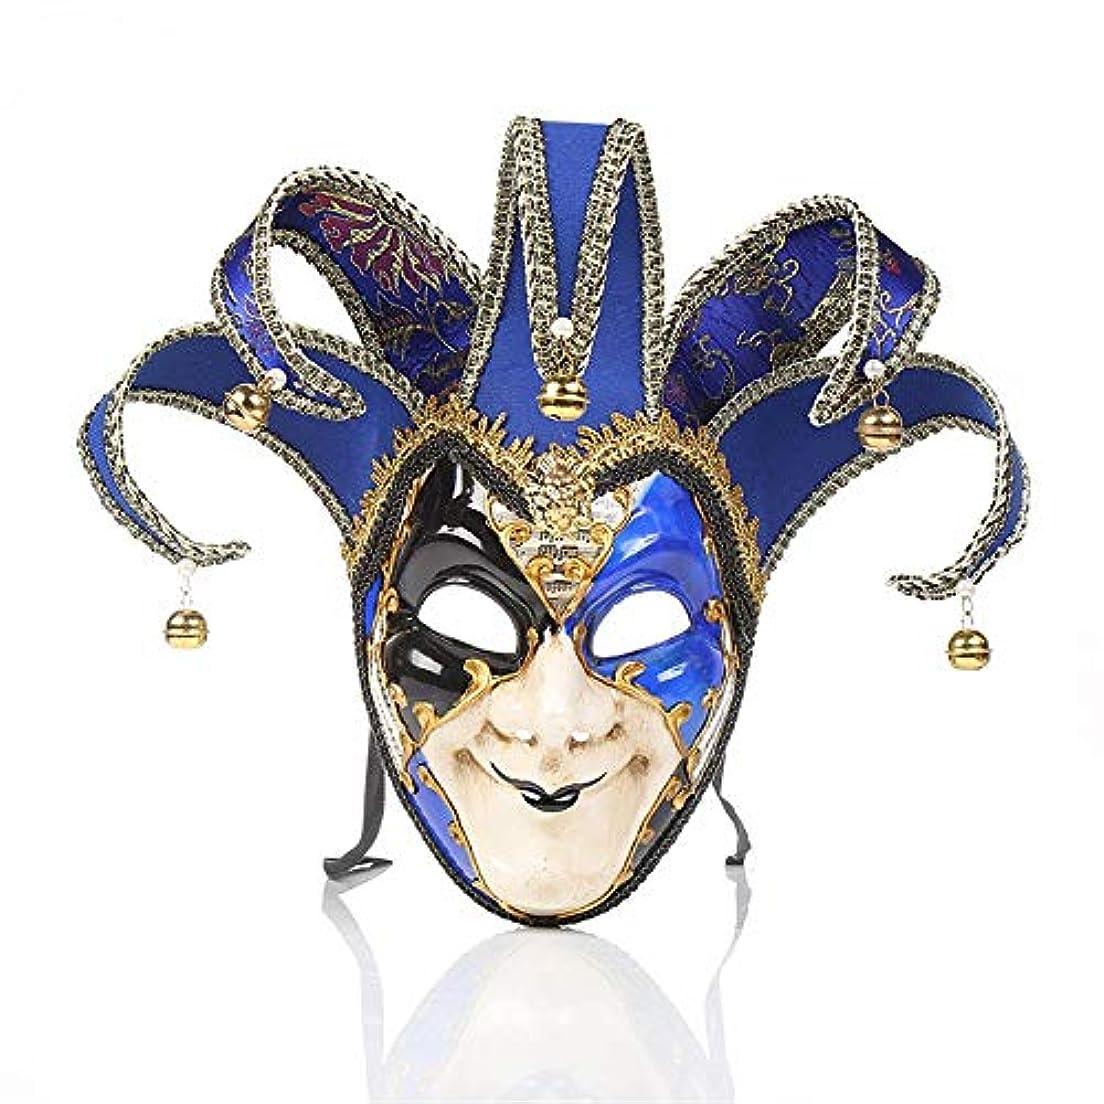 気分が悪い紀元前特にダンスマスク ピエロマスクハロウィーンパフォーマンスパフォーマンス仮面舞踏会雰囲気用品祭りロールプレイングプラスチックマスク ホリデーパーティー用品 (色 : 青, サイズ : 39x33cm)